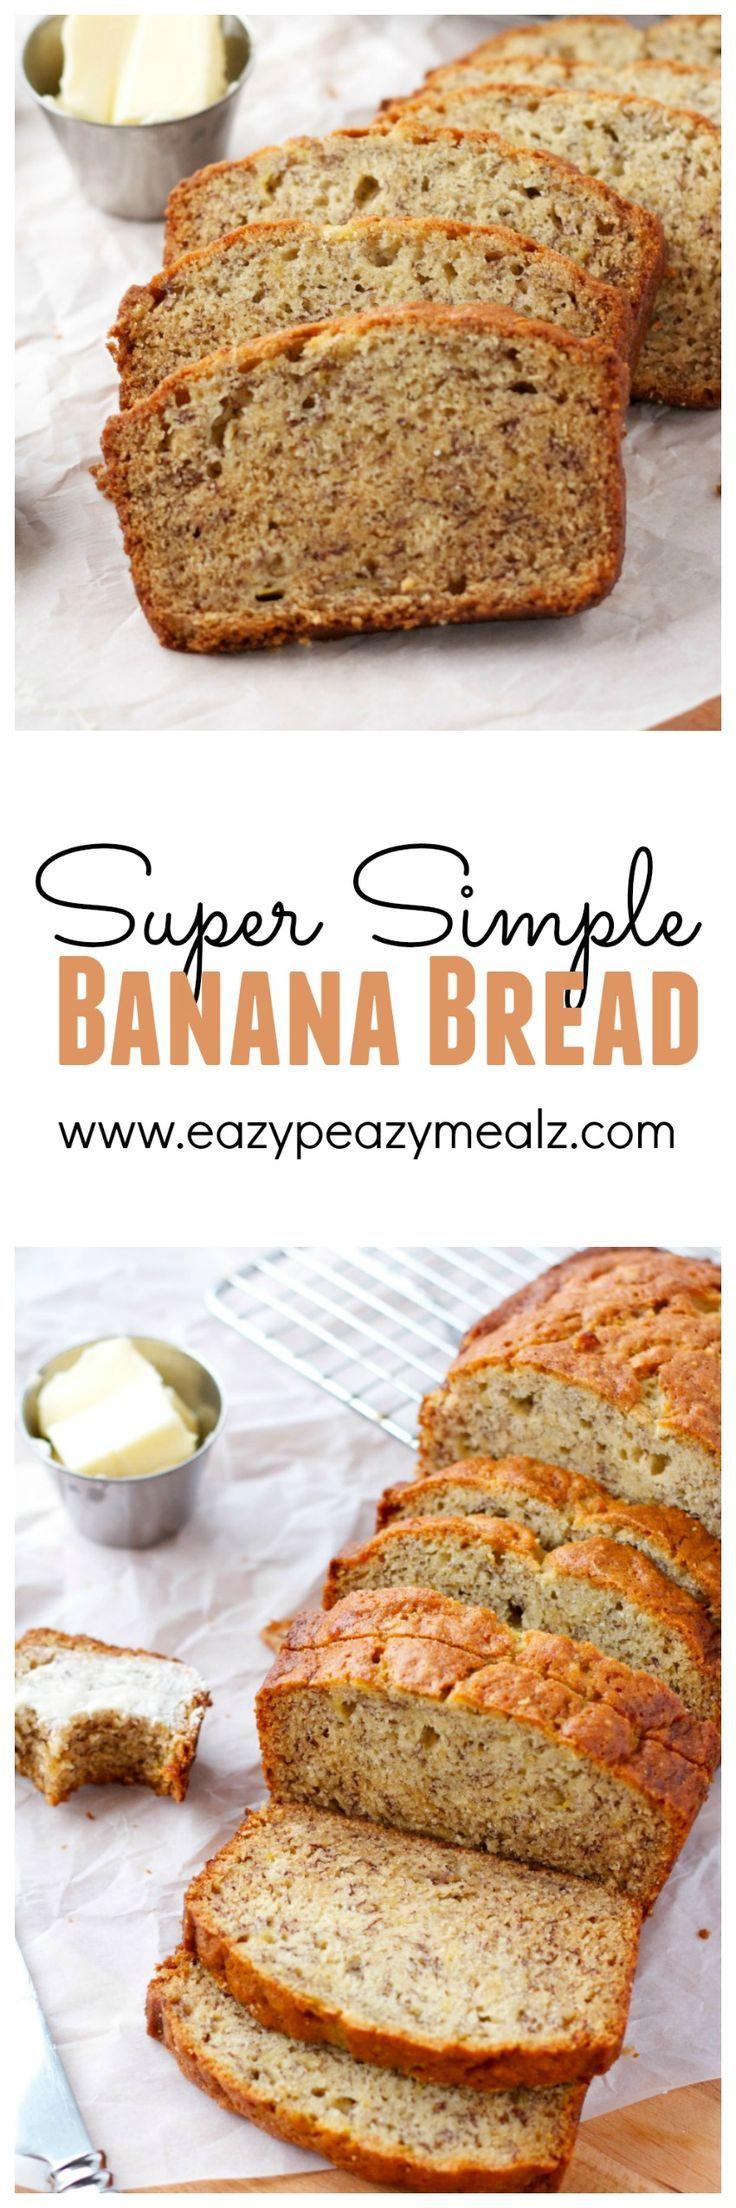 Super Simple Banana Bread Easy Peasy Meals Recipe Easy Banana Bread Best Banana Bread Cooking Recipes